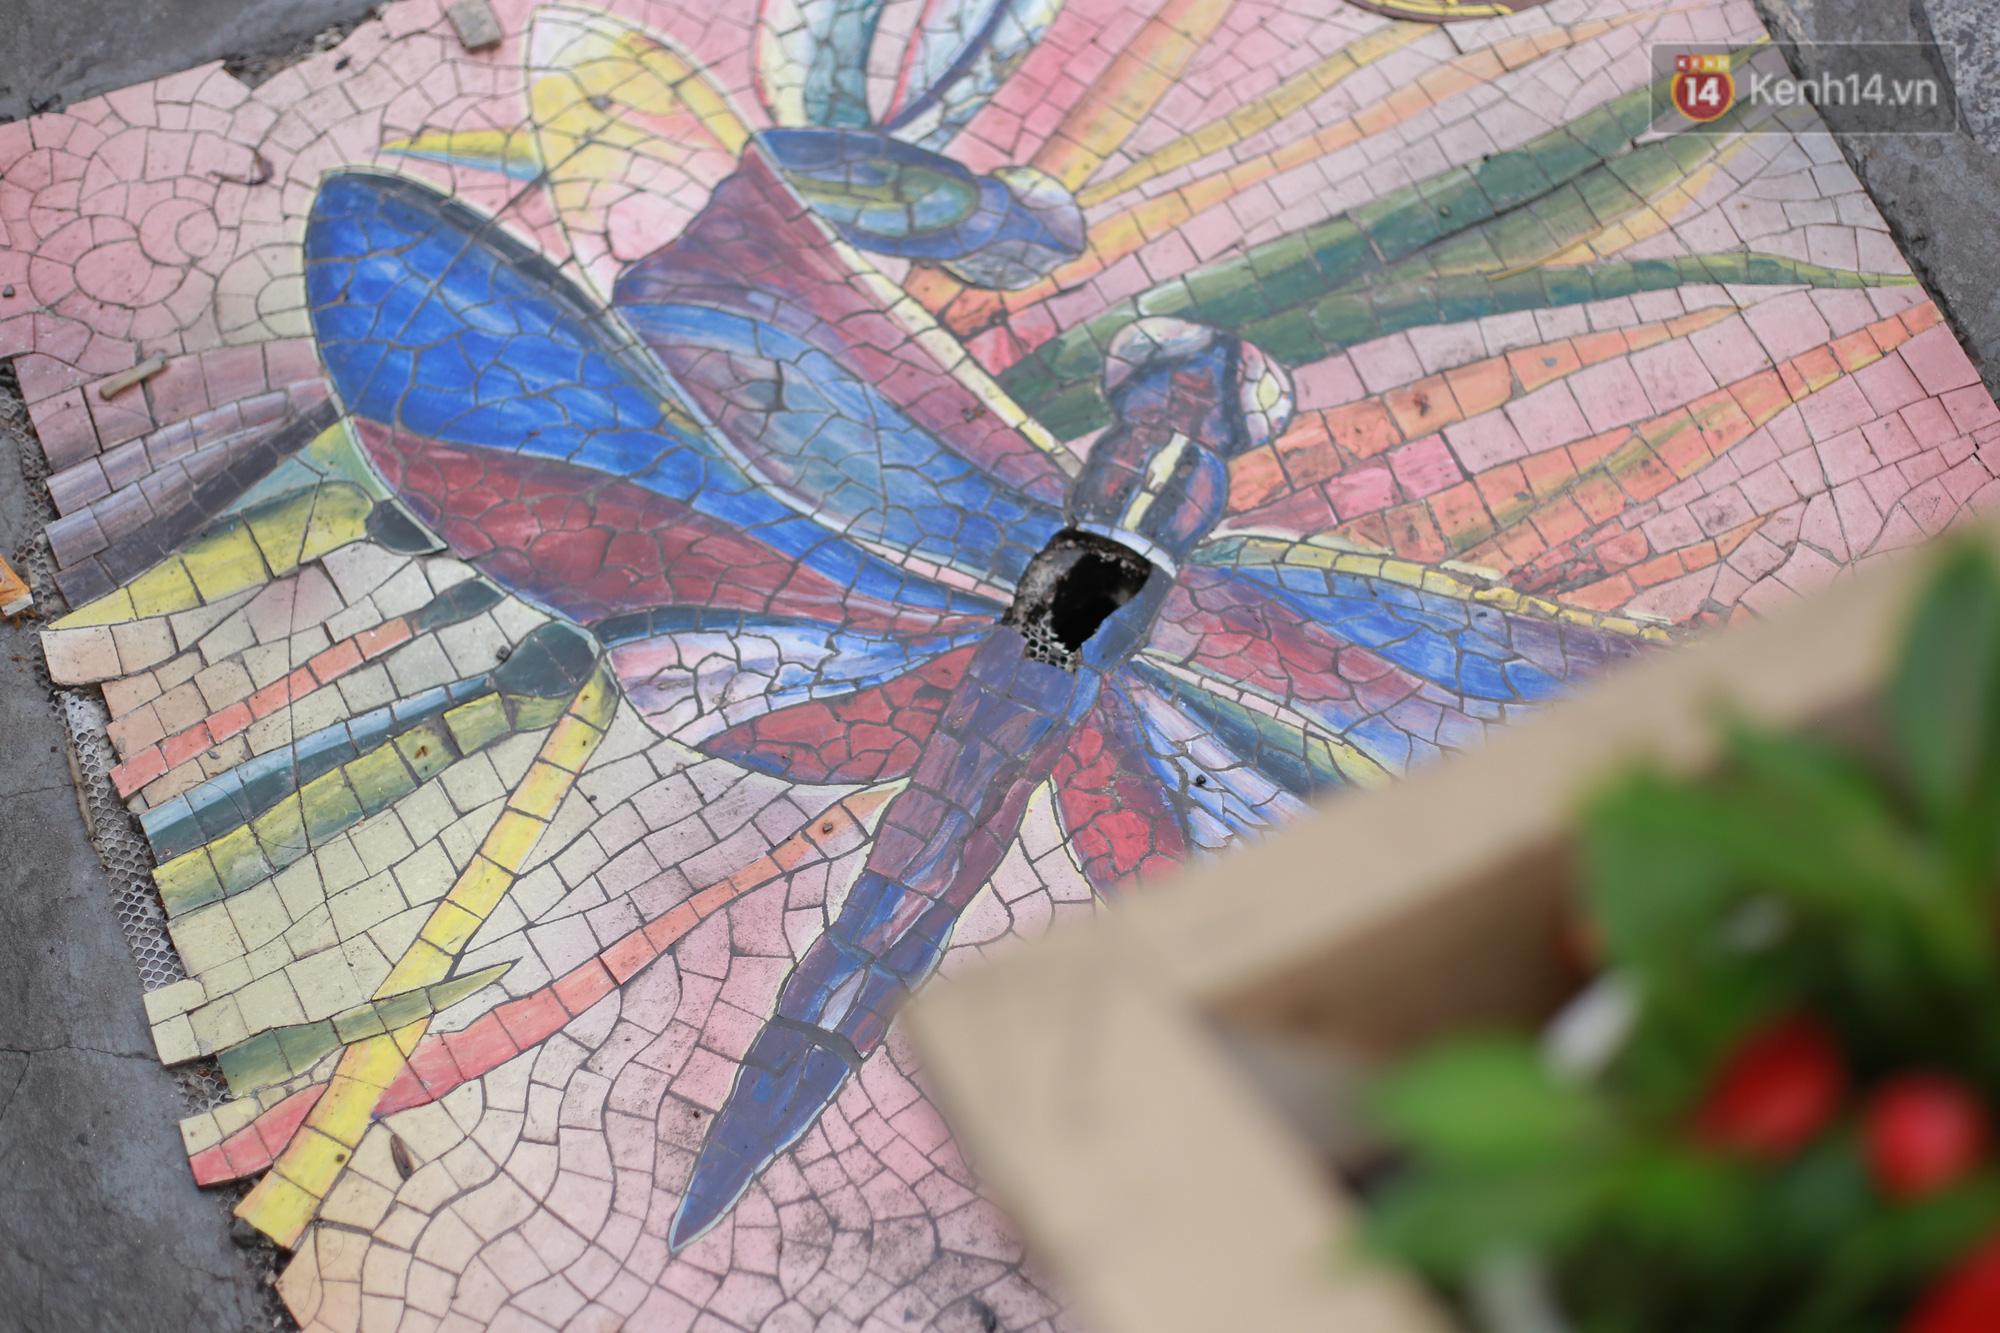 """Ảnh: Nắp cống, hố ga """"vô tri, vô giác"""" tại phố đi bộ Hà Nội biến thành tác phẩm nghệ thuật đẹp như tranh vẽ - Ảnh 5."""